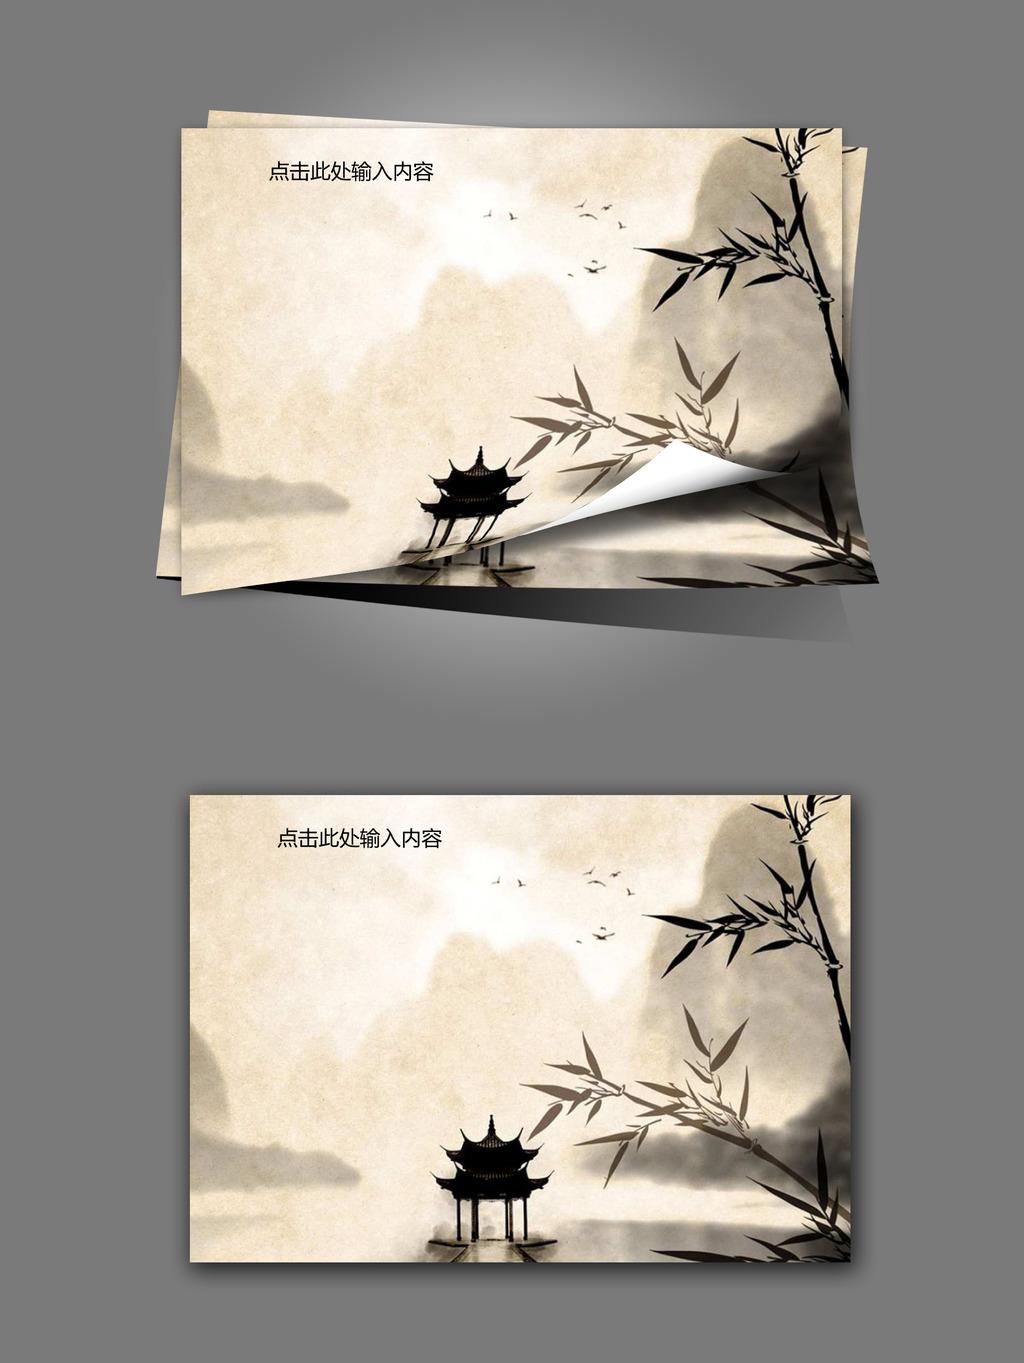 信纸 信纸模板